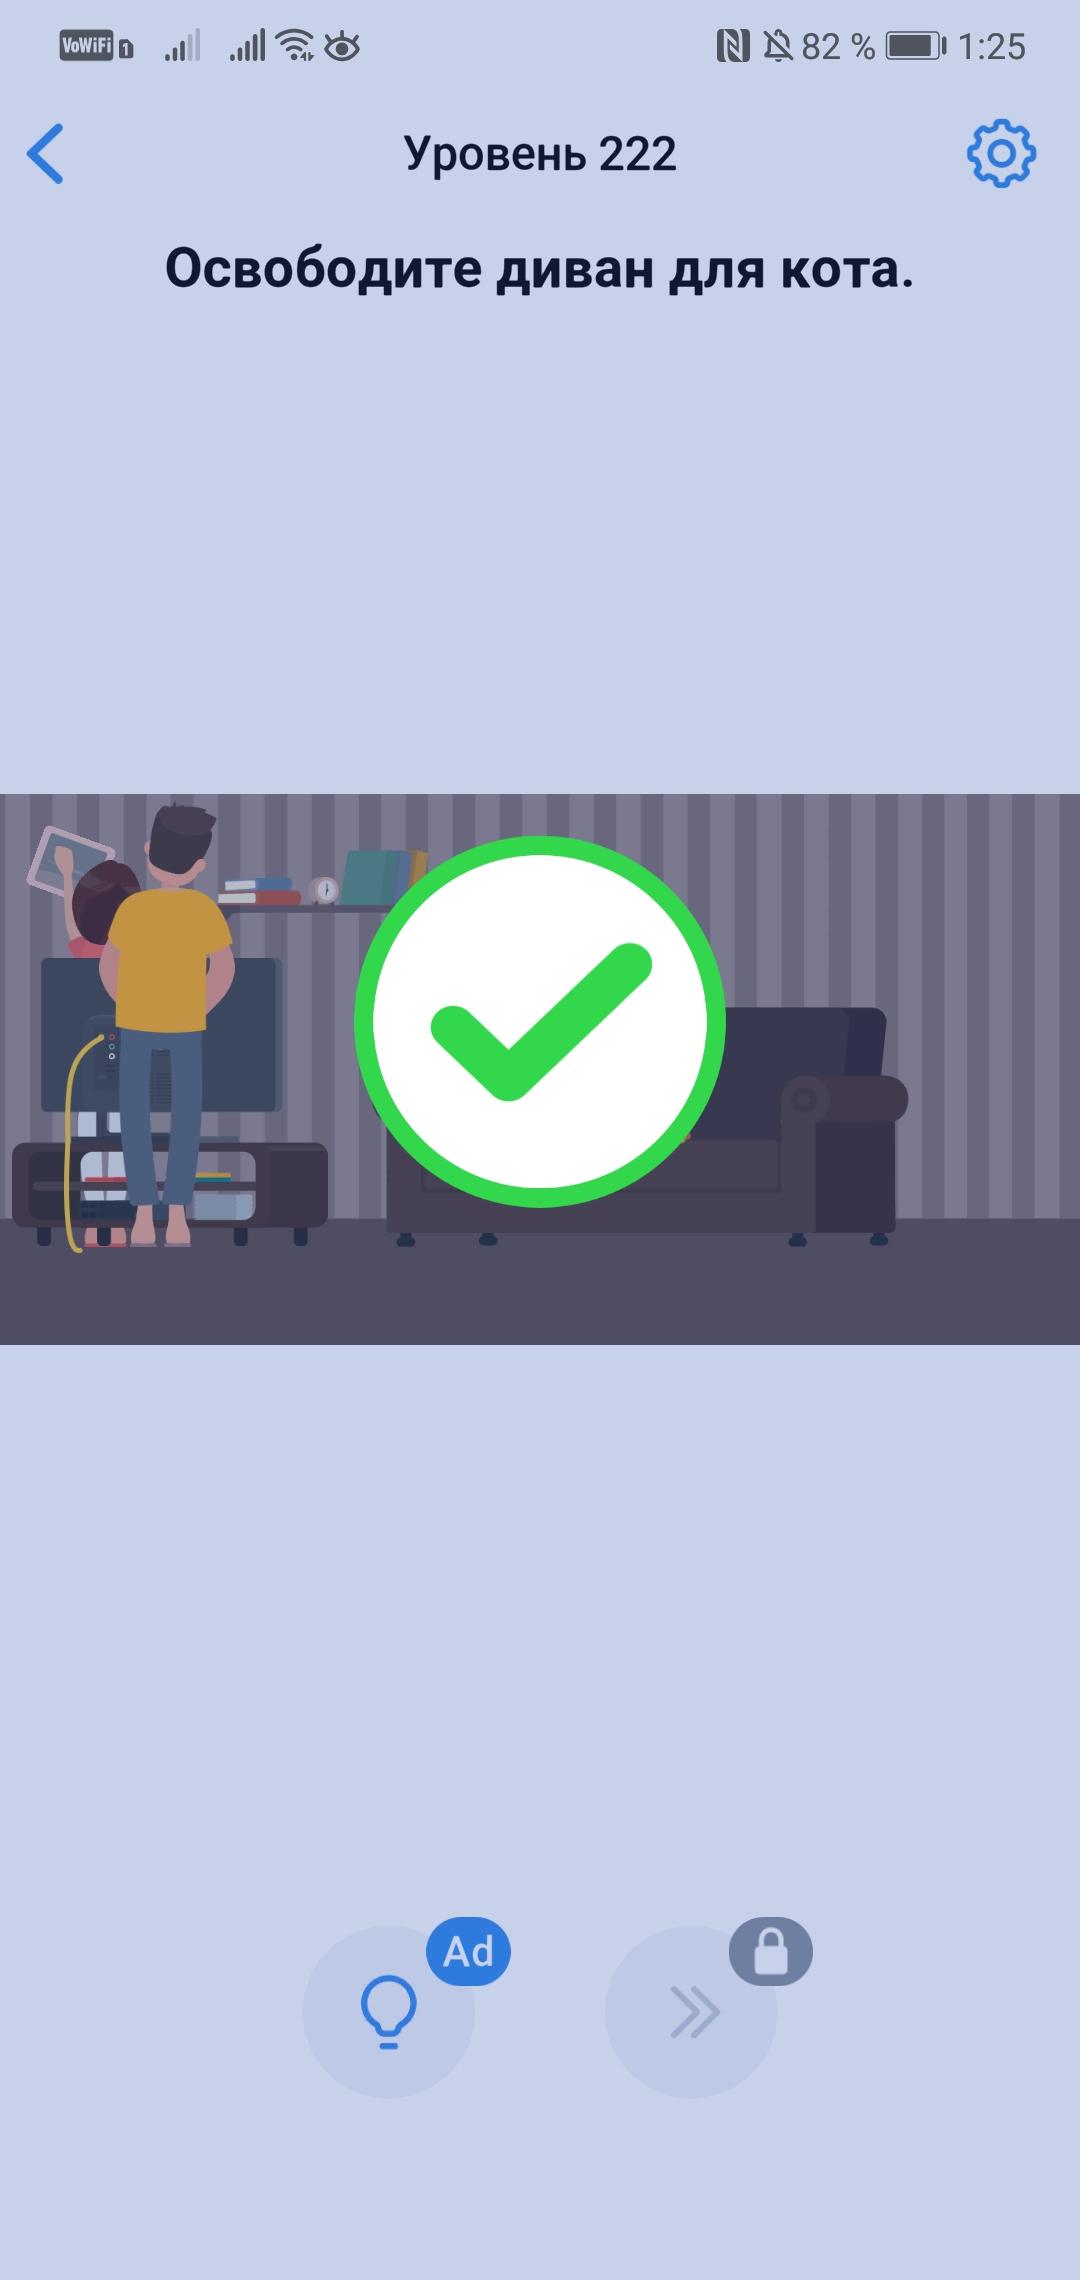 Easy Game - 222 уровень - Освободите диван для кота.